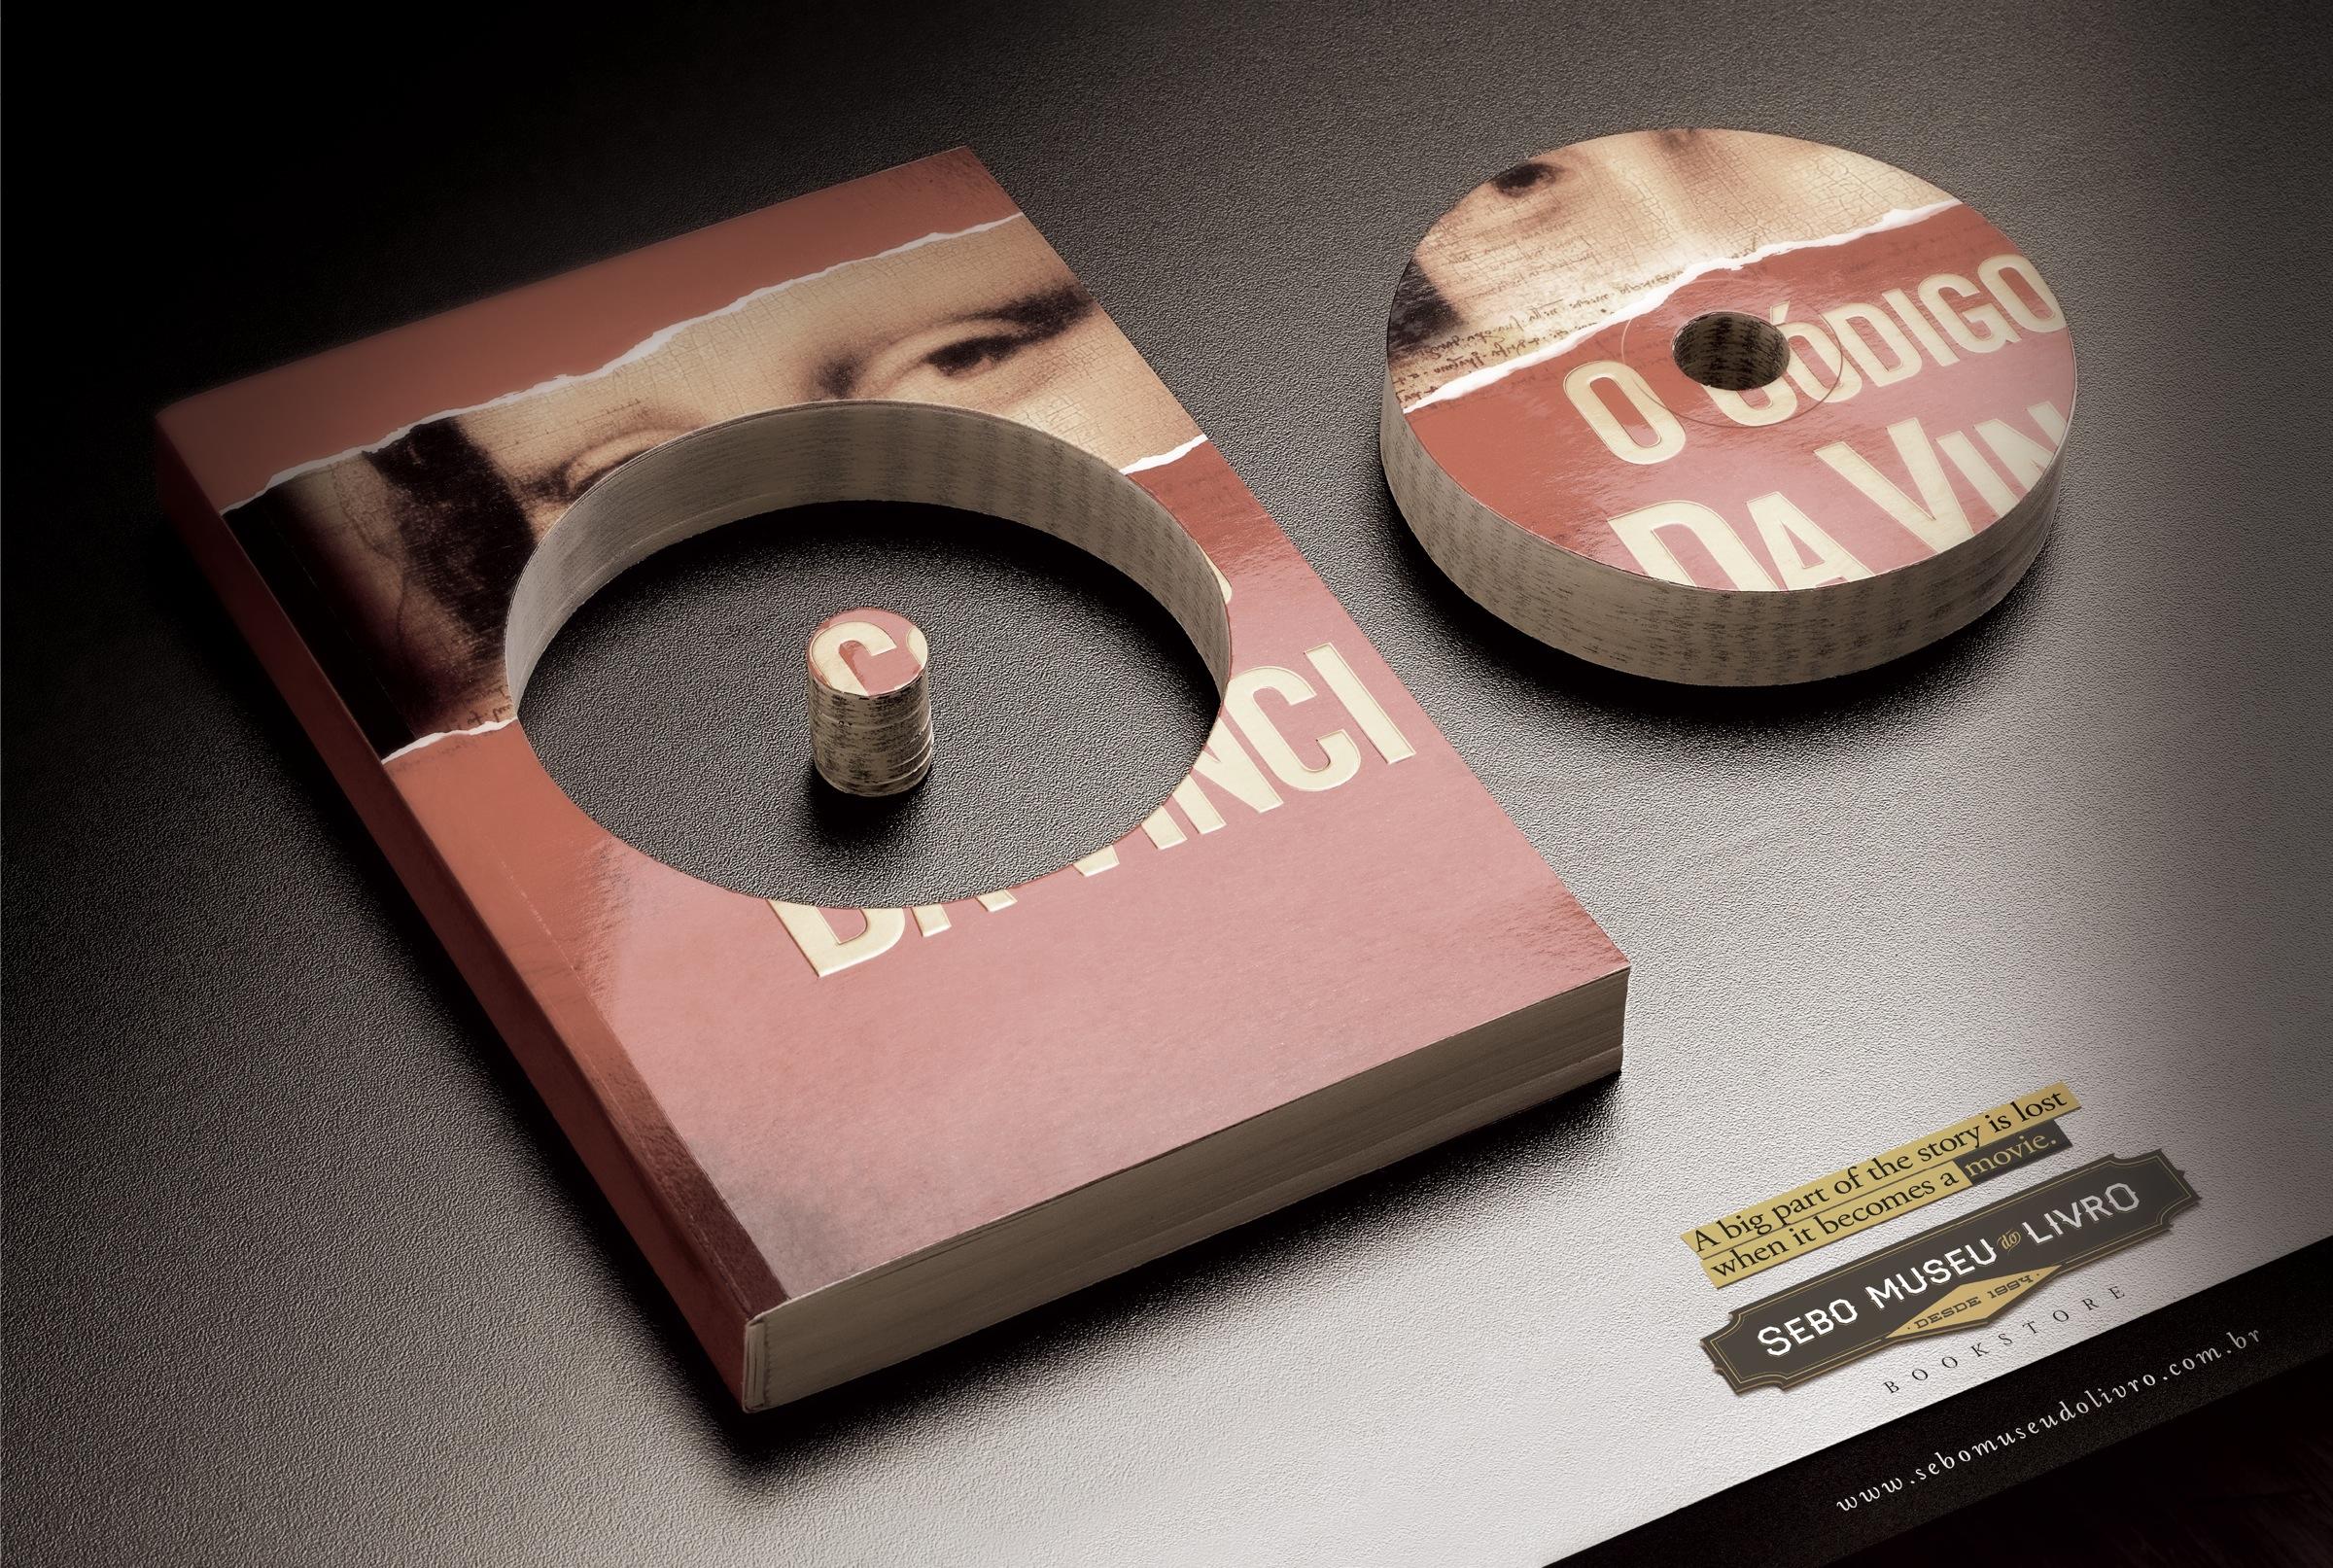 Sebo Museu Do Livro: The Da Vinci Code   Ads of the World™